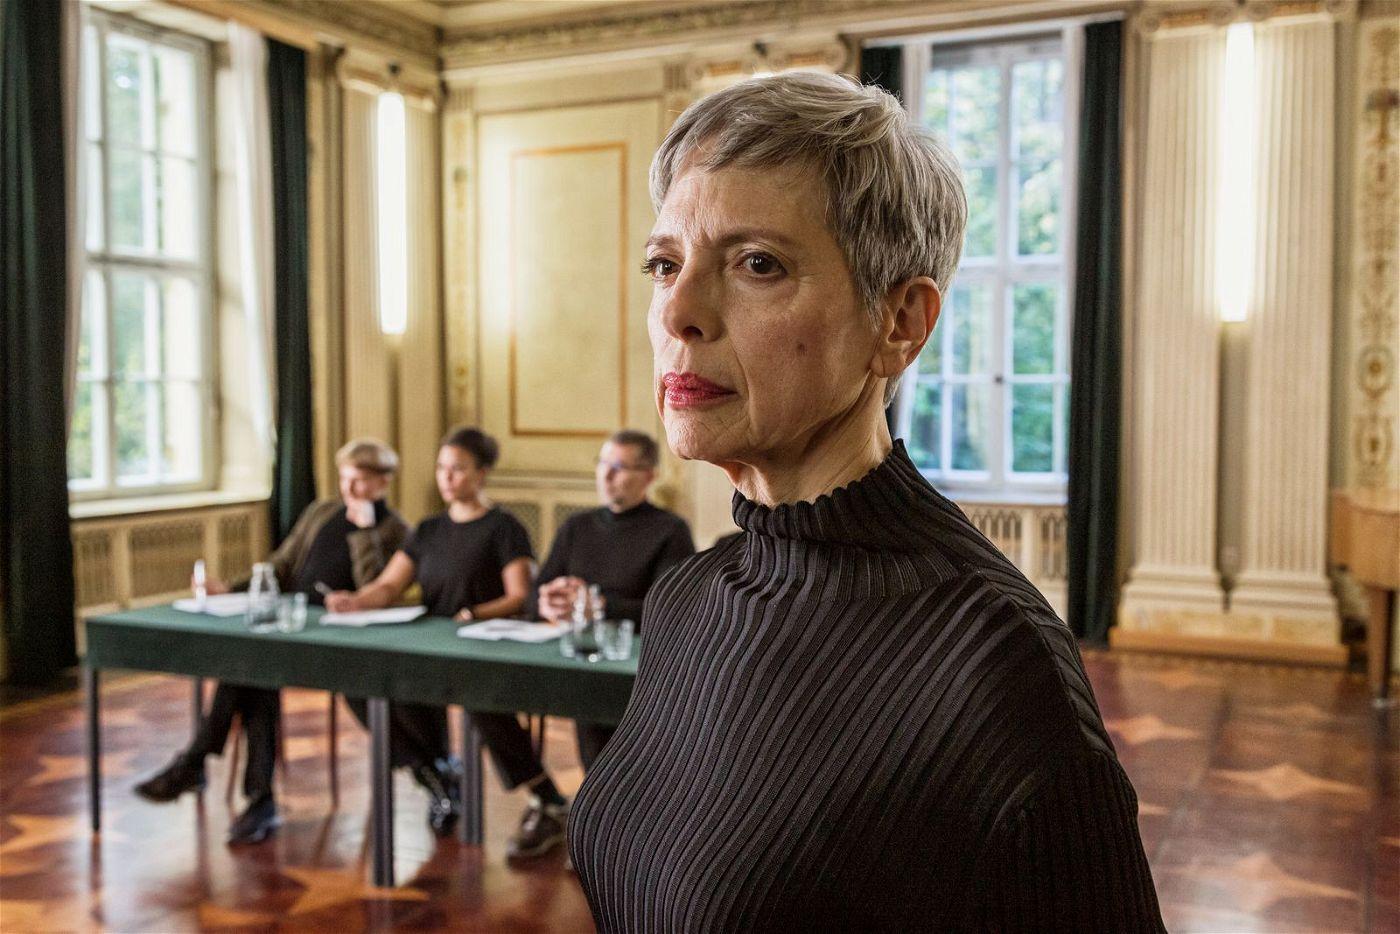 Frau Rosebloom (Helen Schneider) erwartet von ihren Schülerinnen Gehorsam und Disziplin.